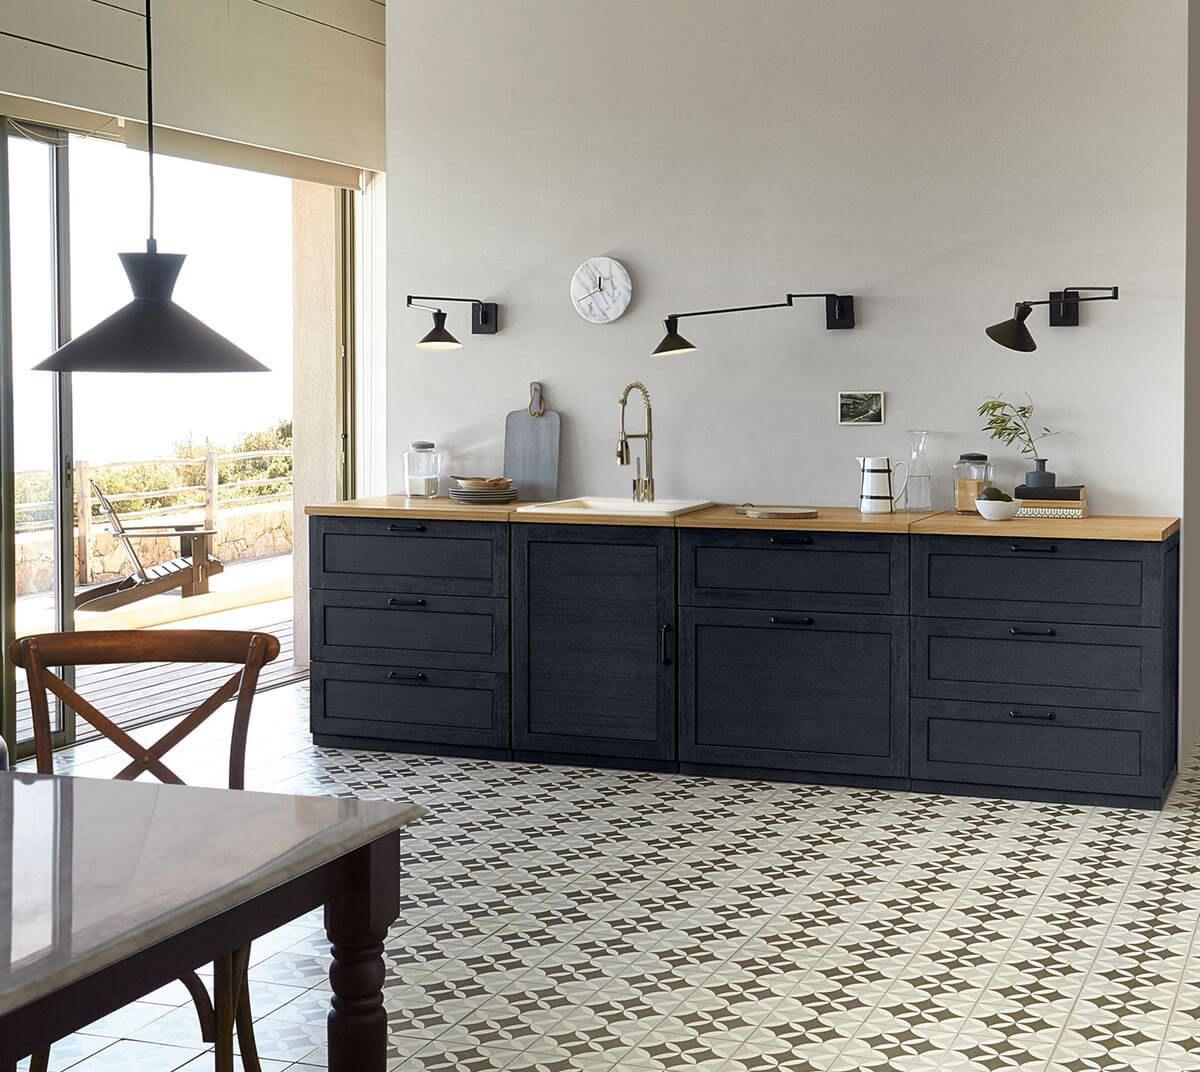 Küchendesignhaus interieur  kitchen  pinterest  home decor ikea und kuchen